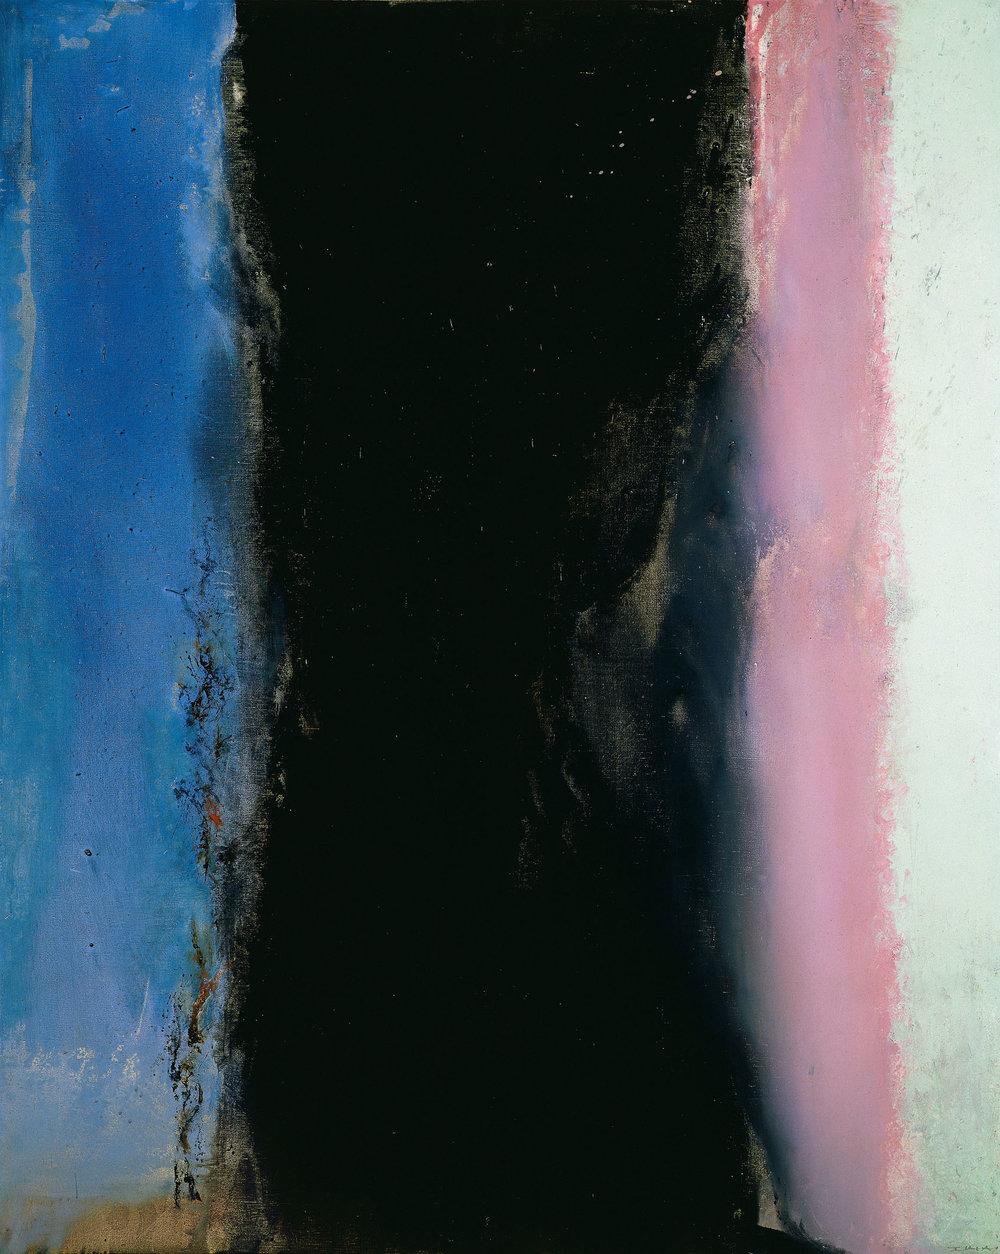 Hommage à Matisse I – 02.02.86, huile sur toile, 1986 (162 x 130 cm). DR.